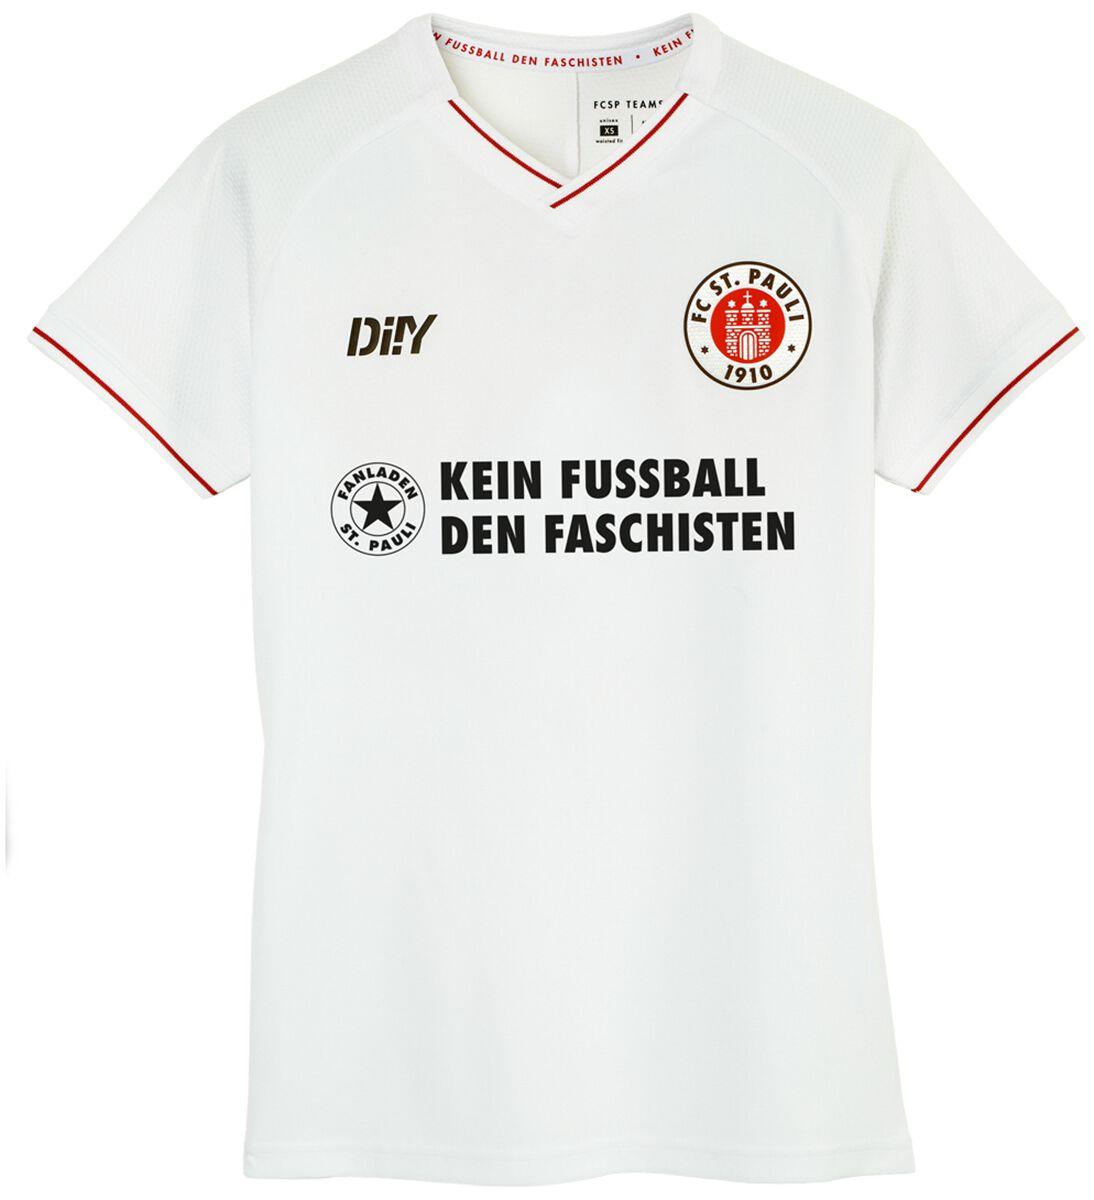 FC St. Pauli Trikot Auswärts tailliert 21/22 - Kein Fussball den Faschisten Trikot weiß SP3321062